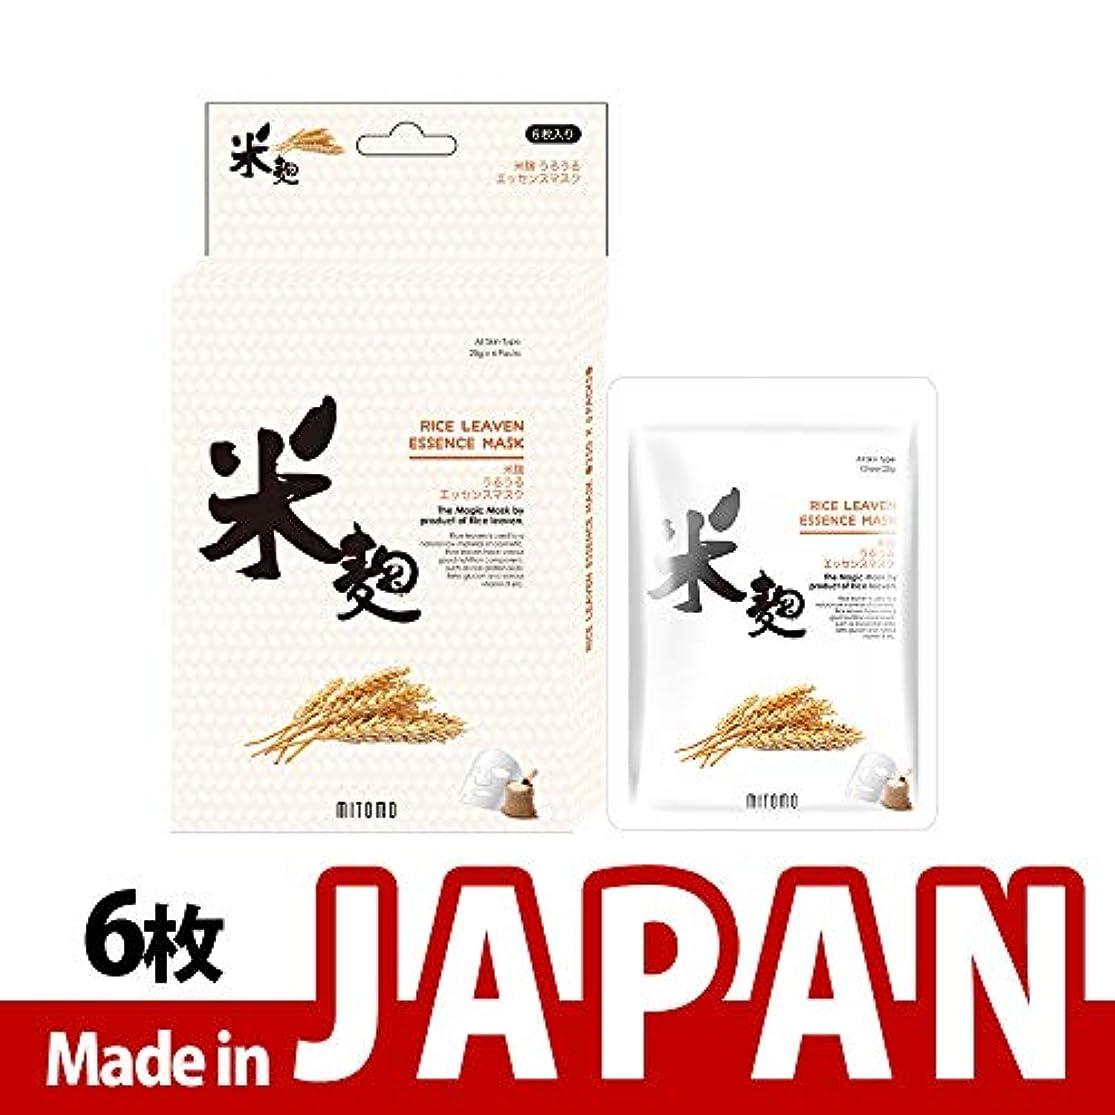 順応性のあるハードウェア拳MITOMO【JP512-E-4】日本製大豆イソフラボン シートマスク/6枚入り/6枚/美容液/マスクパック/送料無料